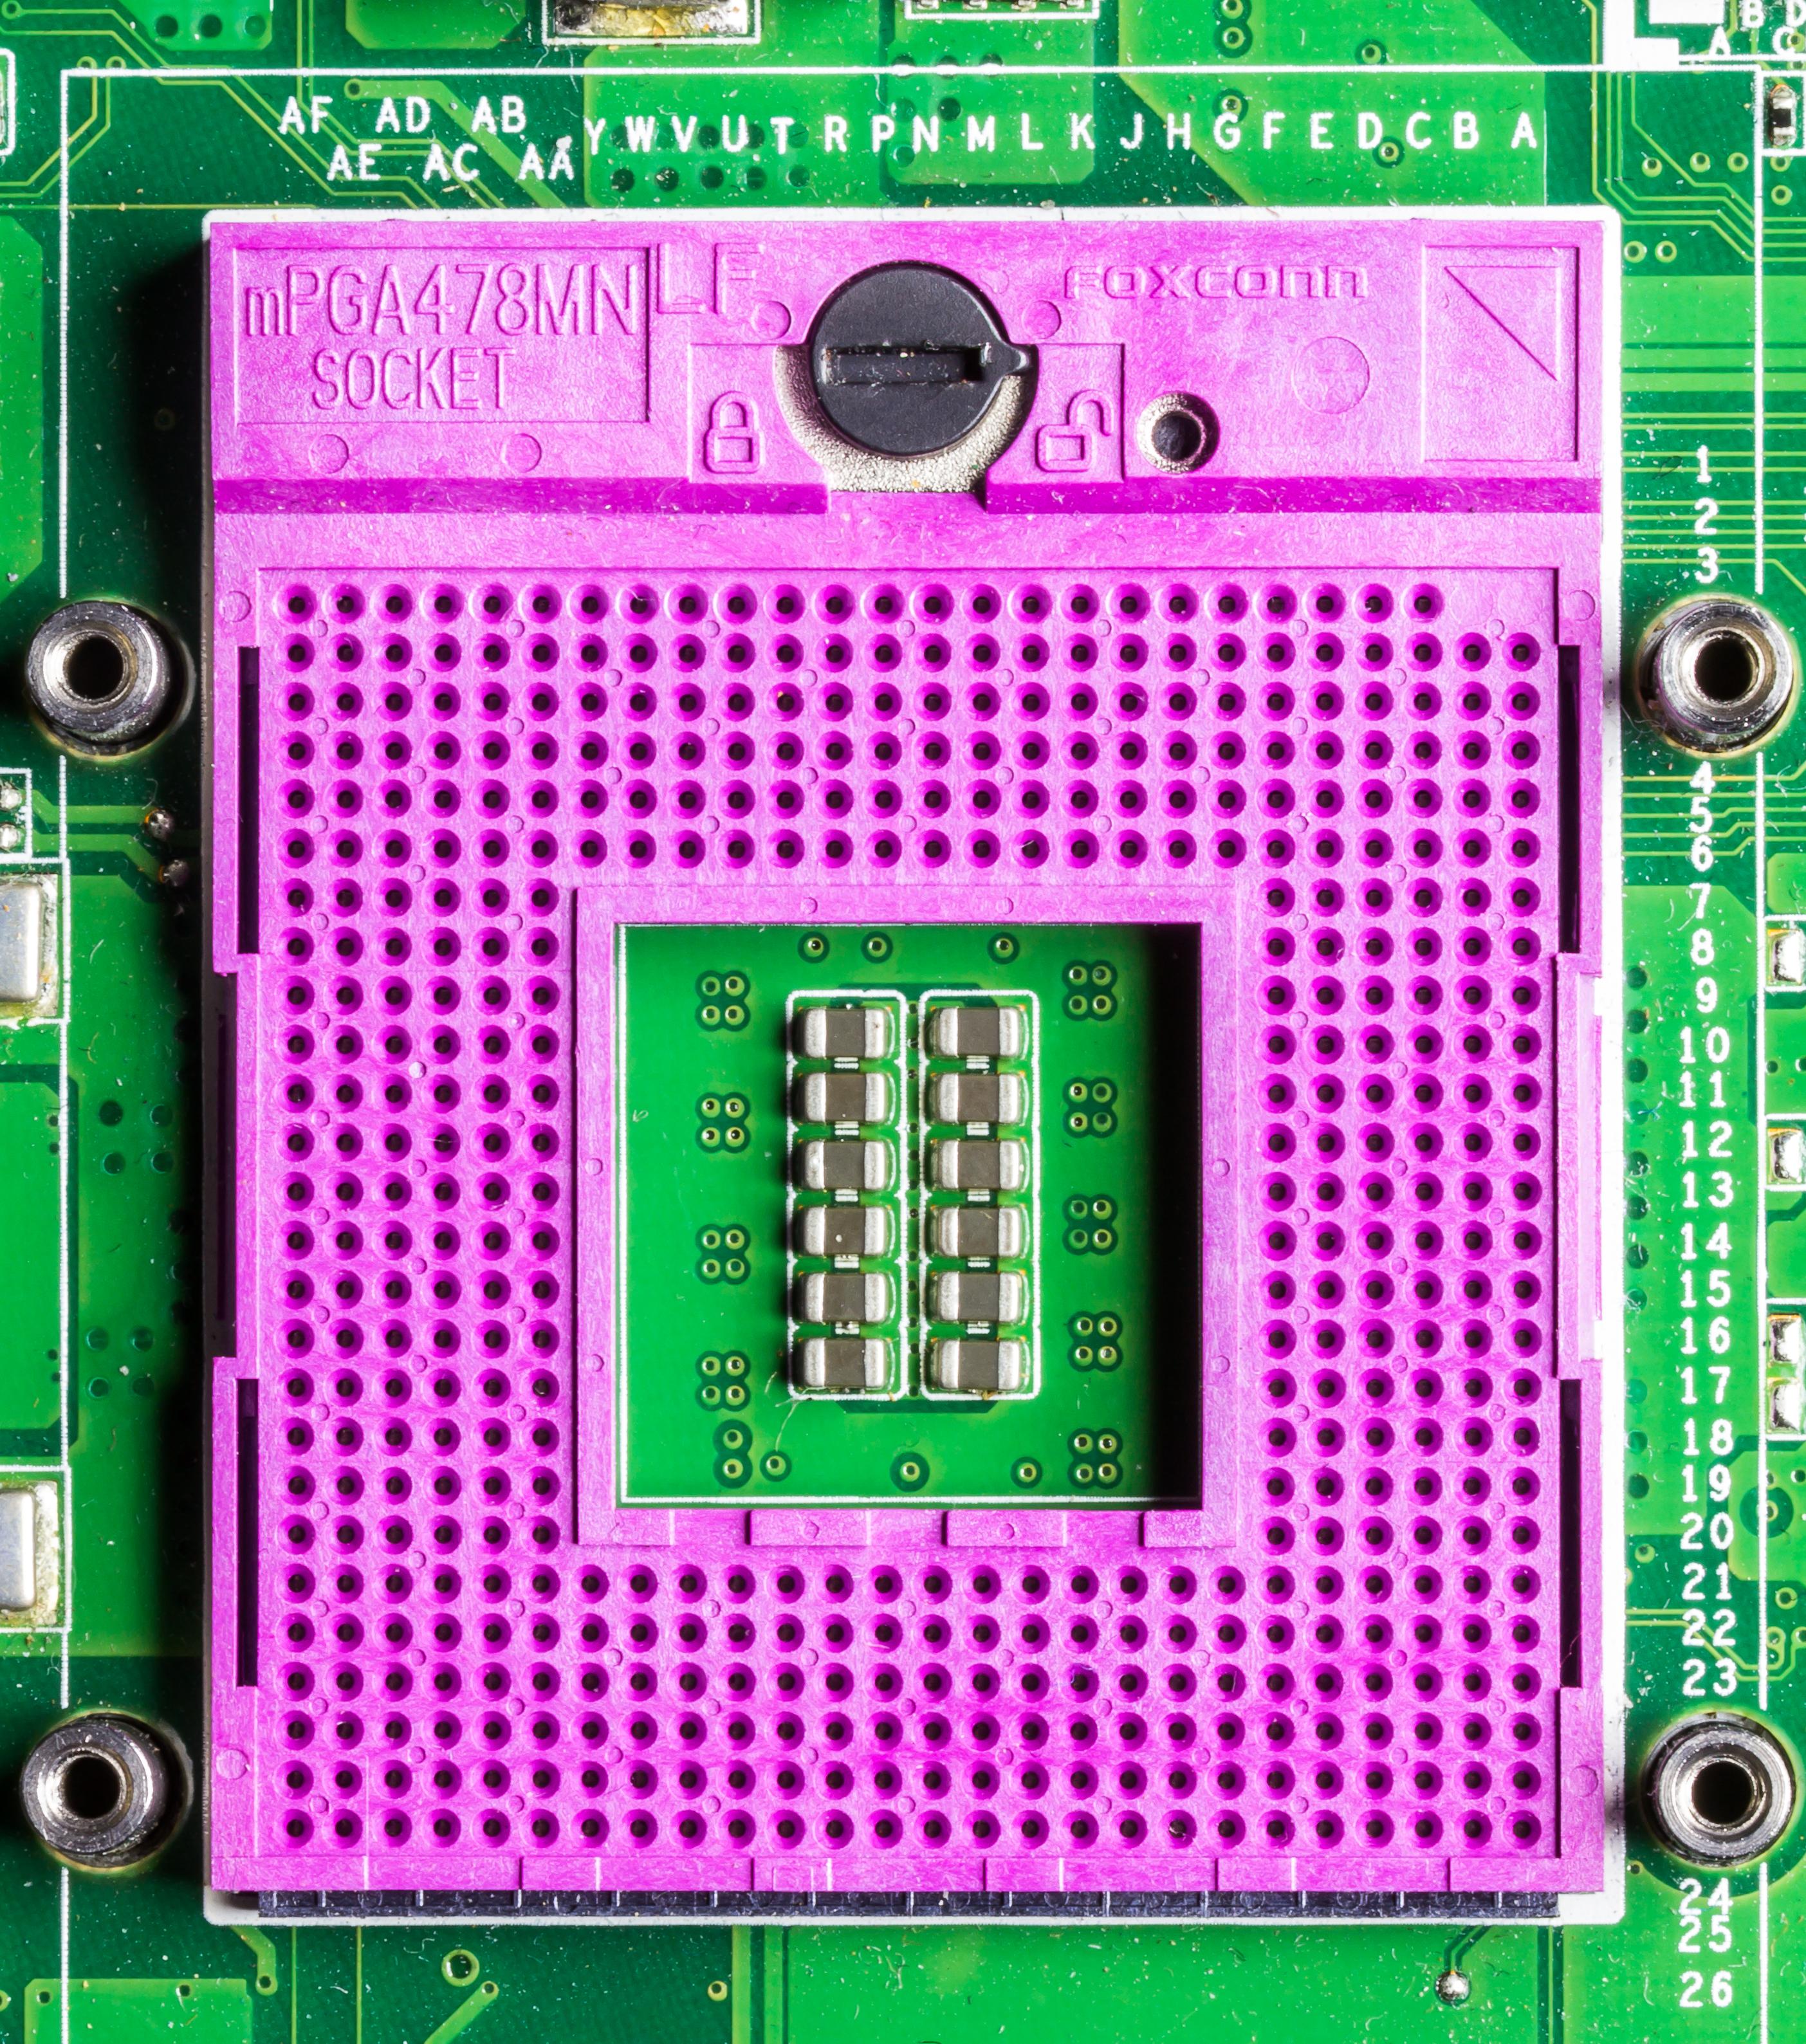 Socket 478 mpga